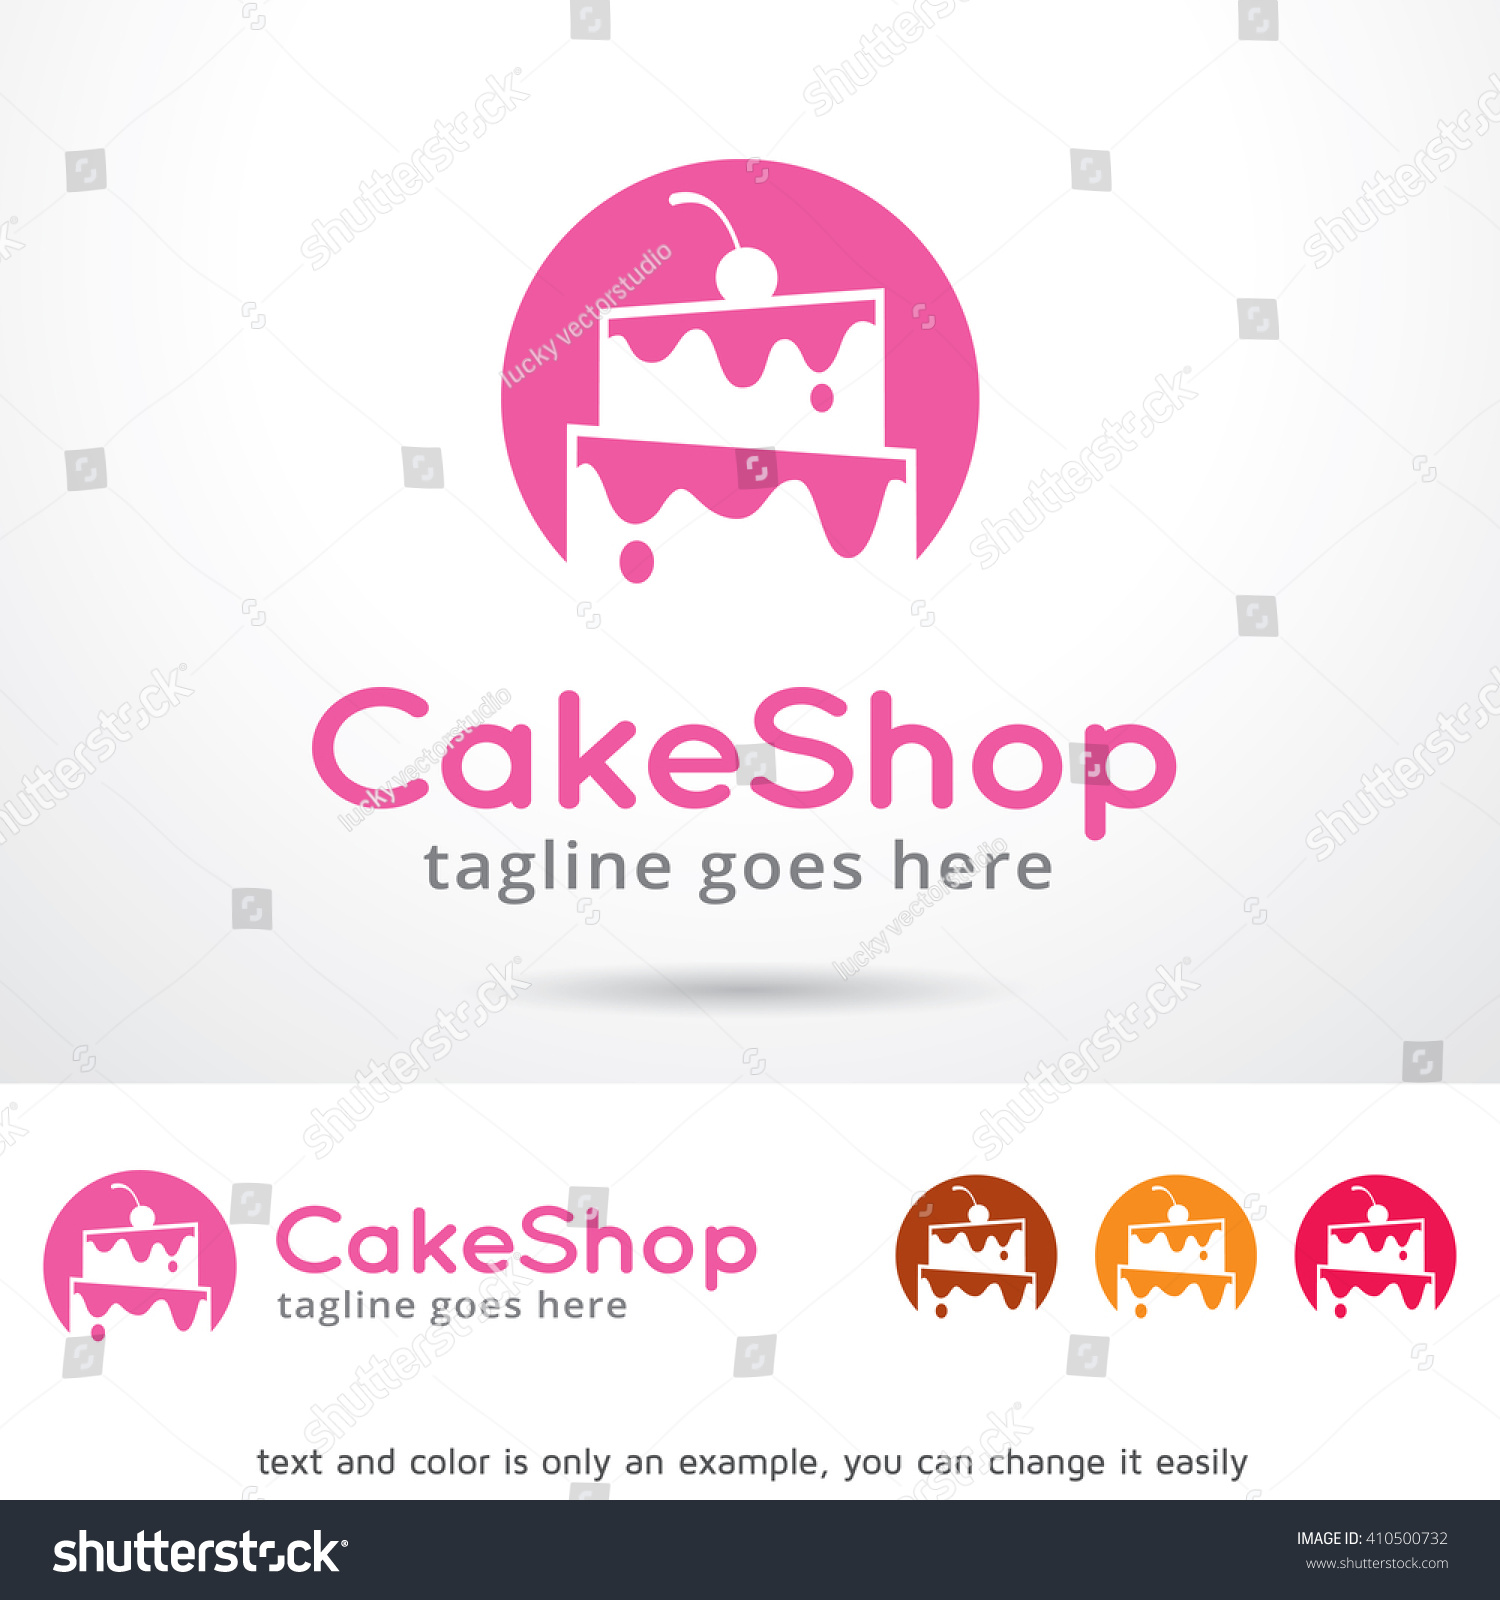 Cake Shop Logo Template Design Vector Stock Vector (Royalty Free ...